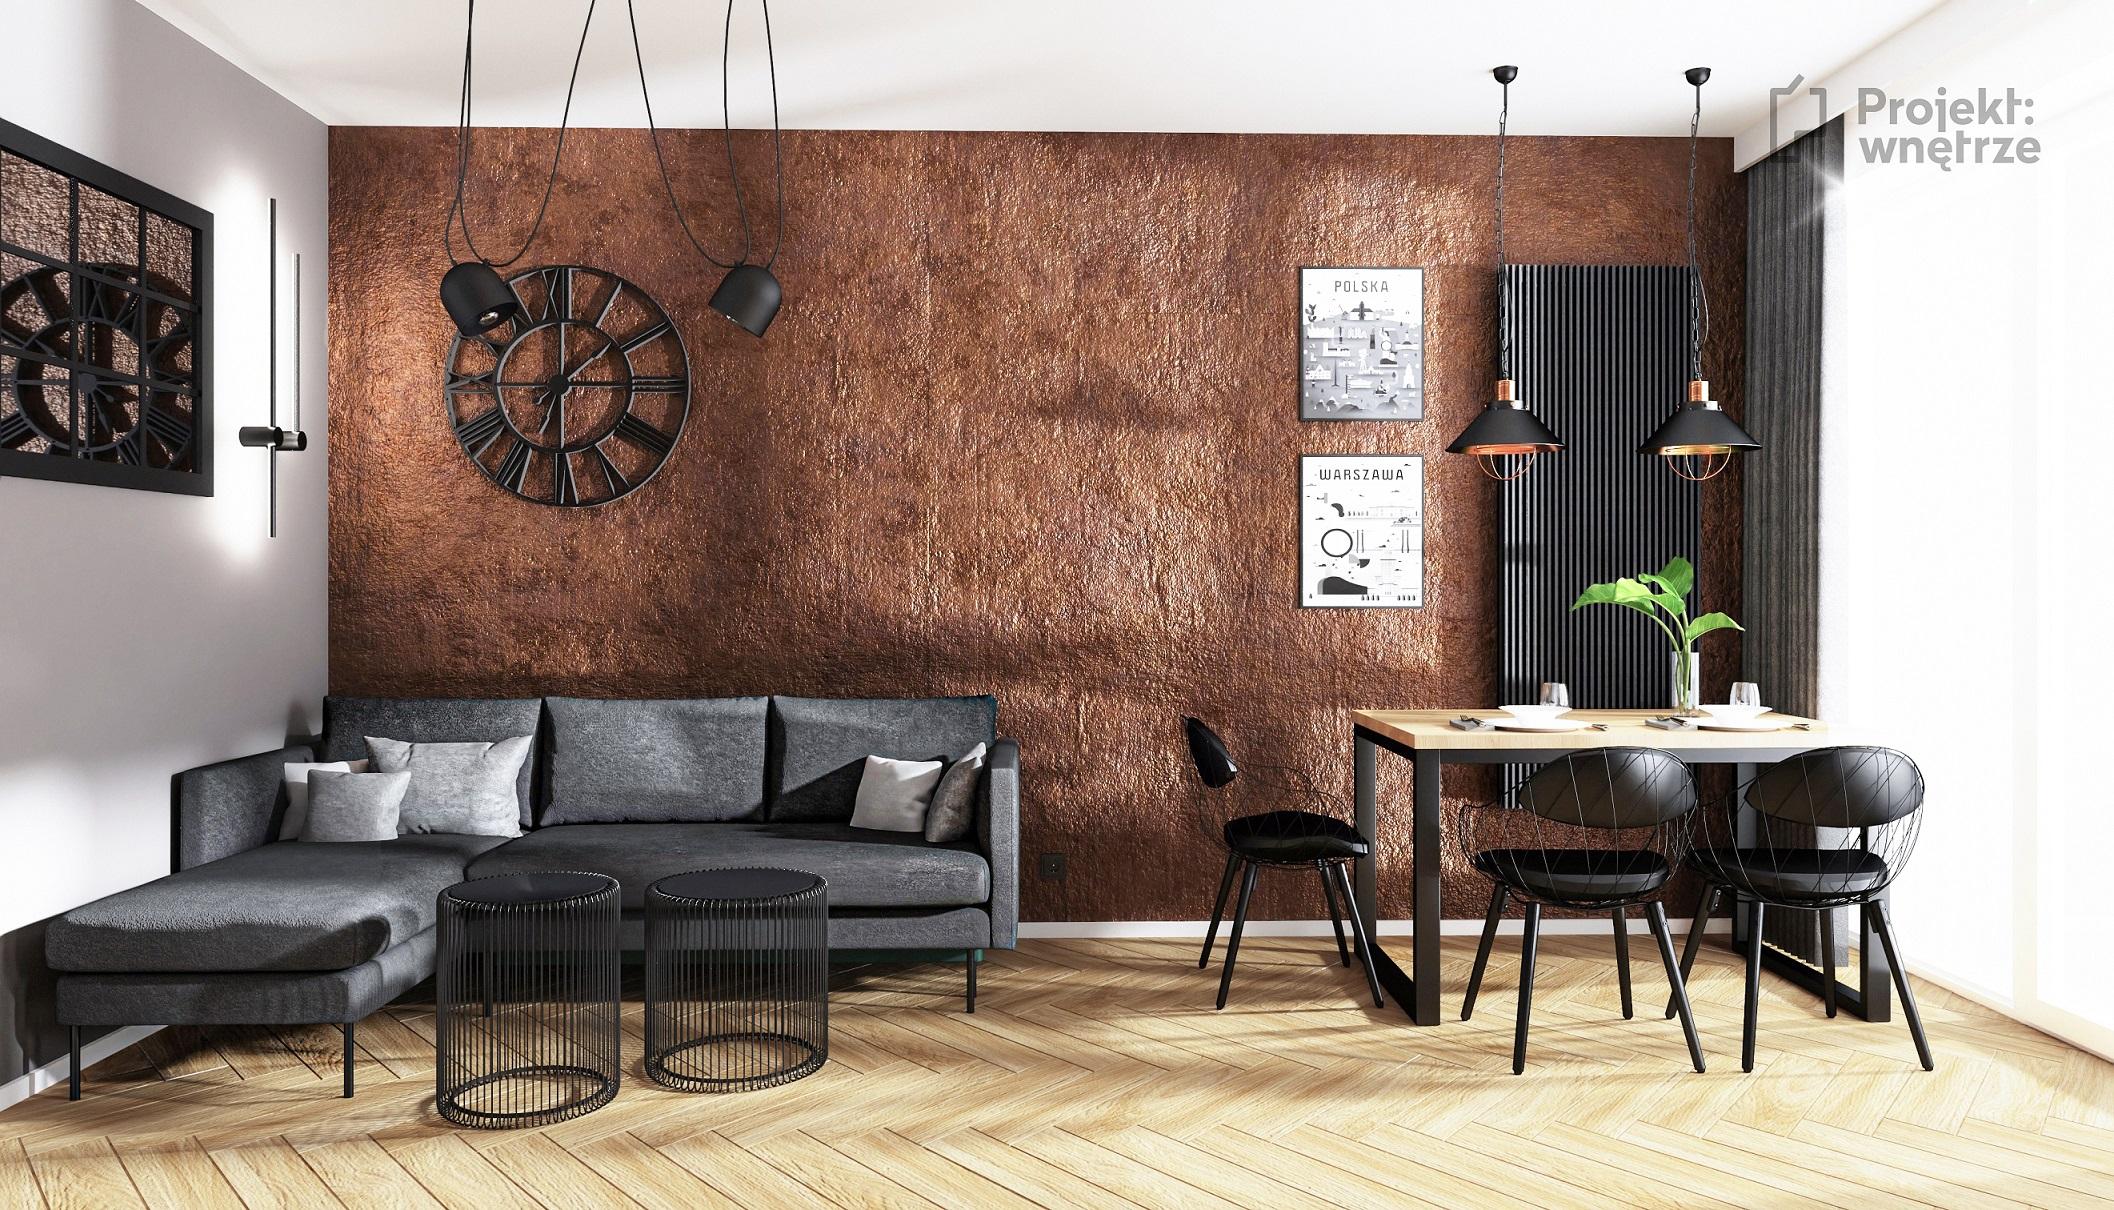 Projekt wnętrze salon w stylu loft cegła ściana jeger oxyd szare czarne lustro loft podłoga jodełka panel winylowy - projektowanie wnętrz Warszawa online (4)